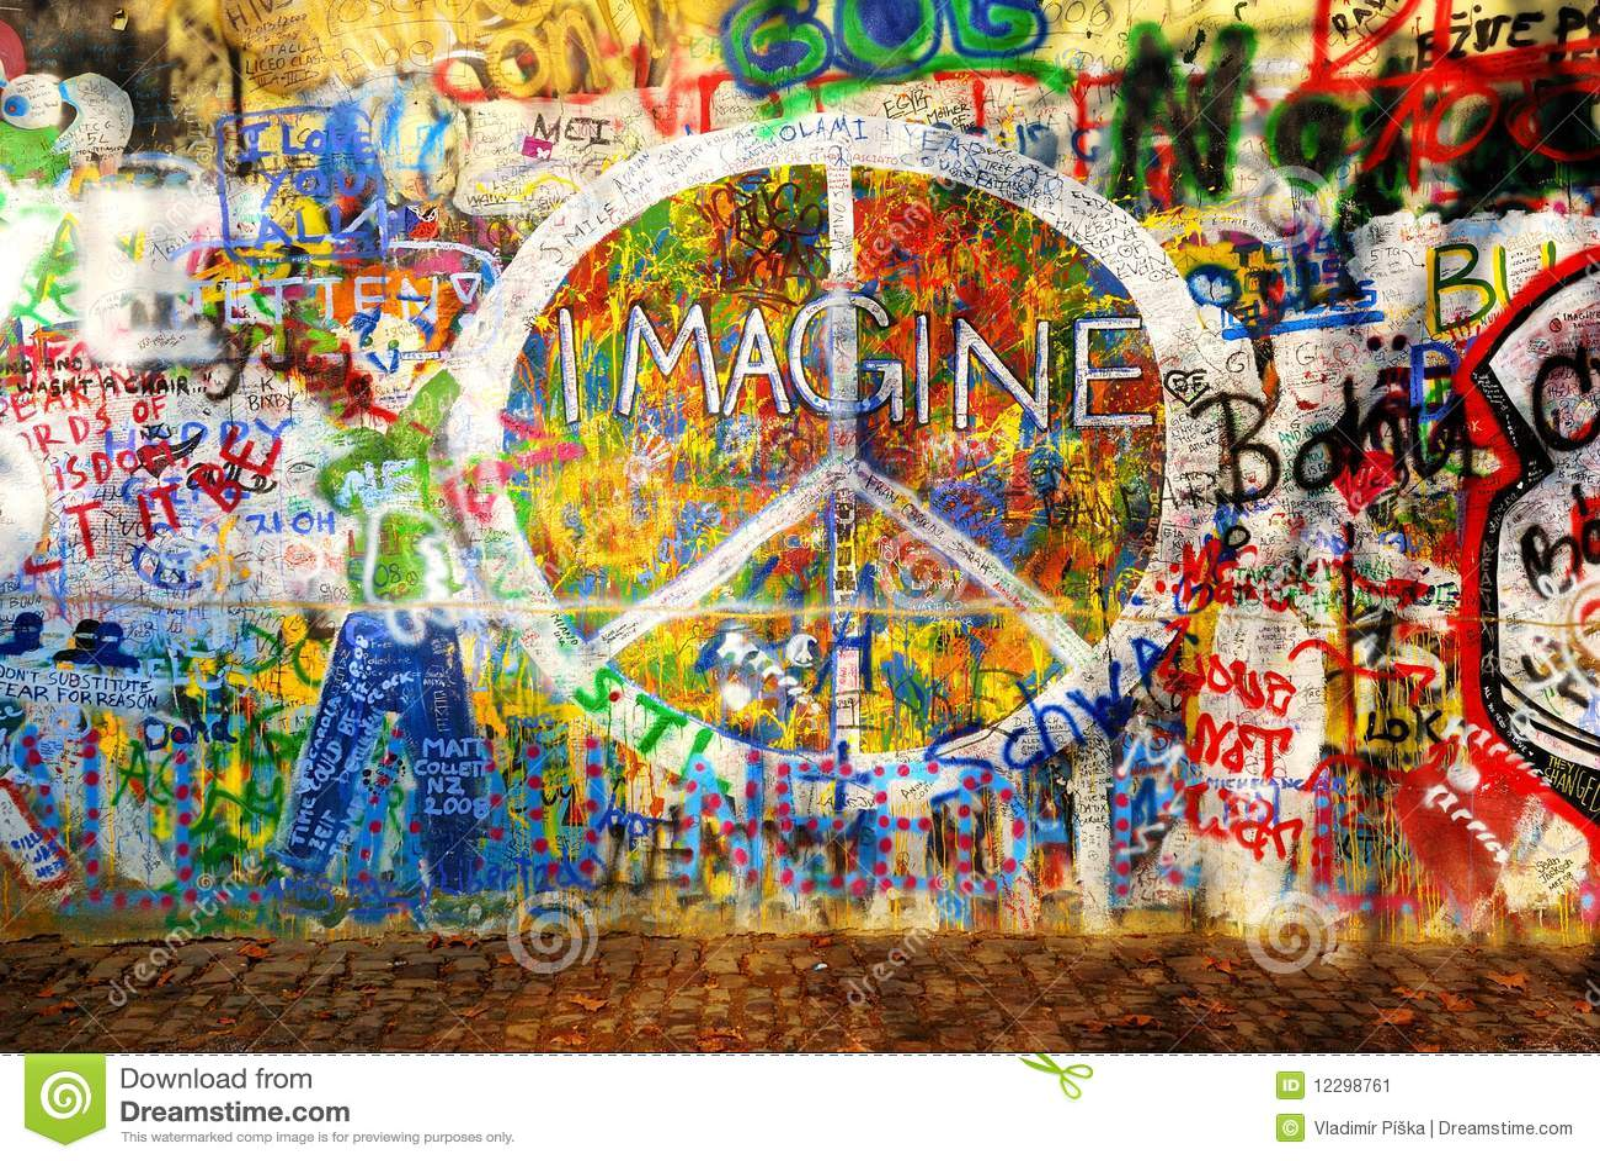 Imagínese la pared